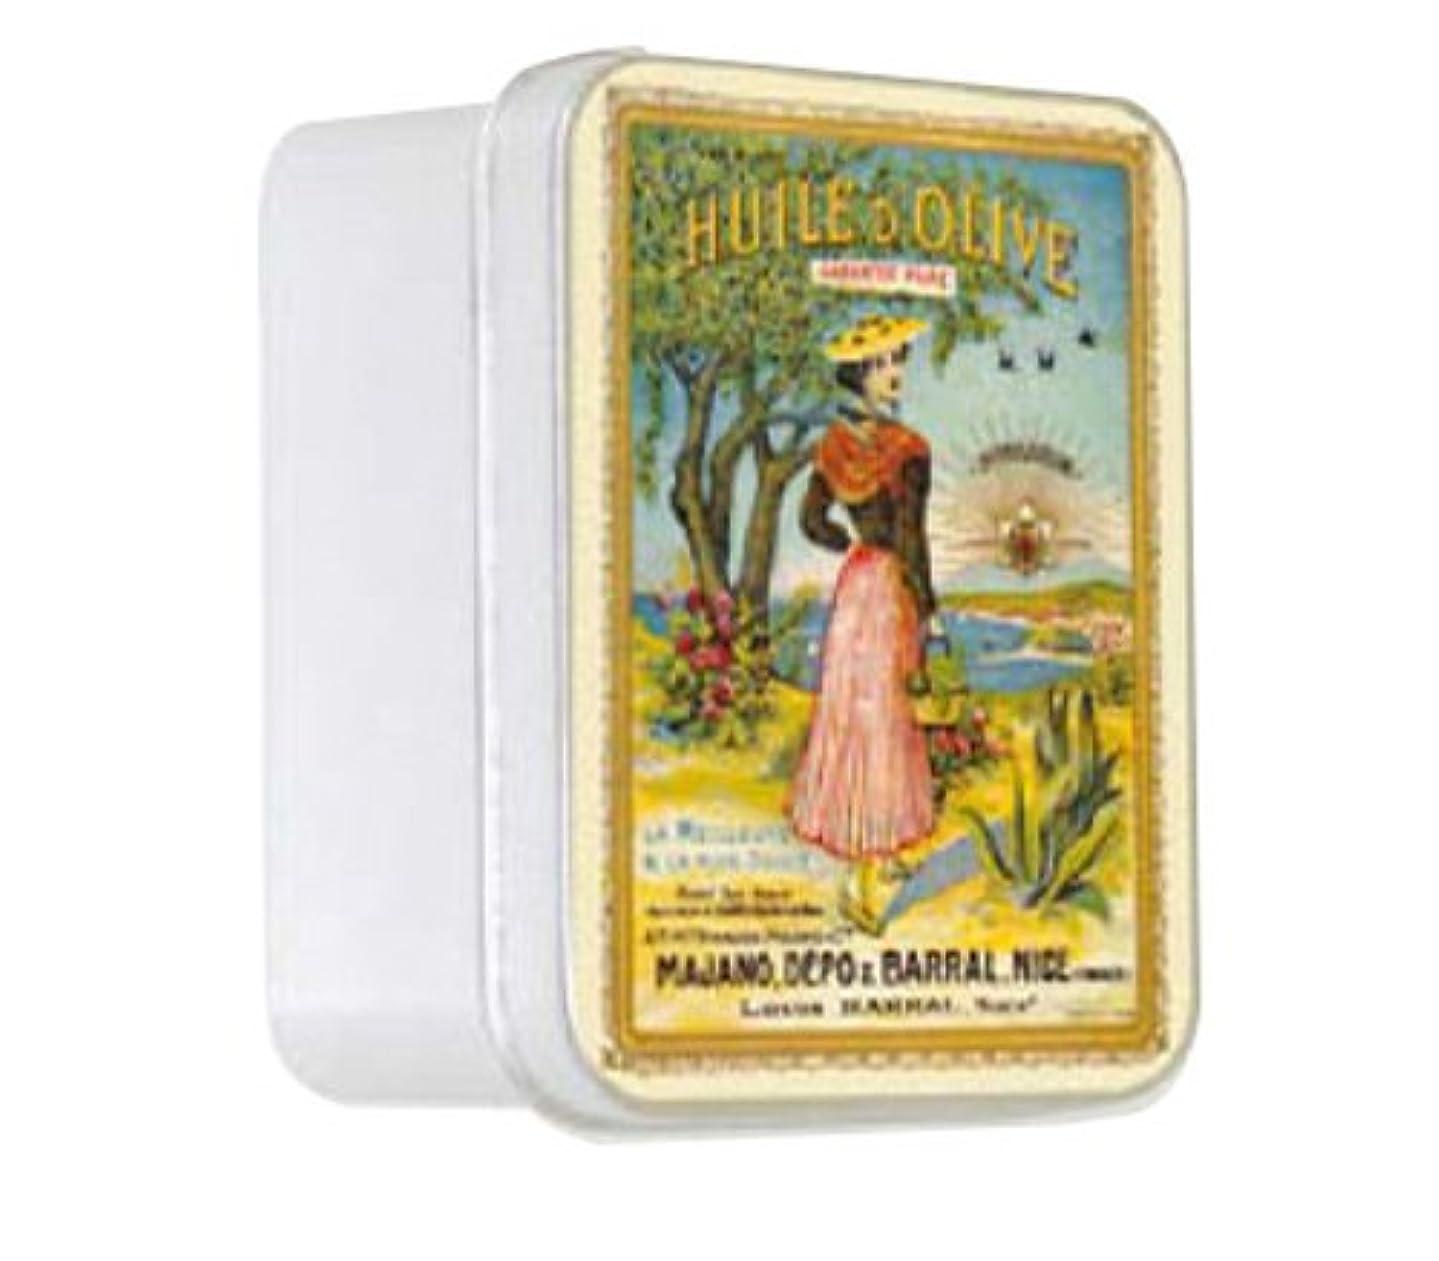 法的アグネスグレイ確率ルブランソープ メタルボックス(ラ ニソワーズ?オリーブの香り)石鹸